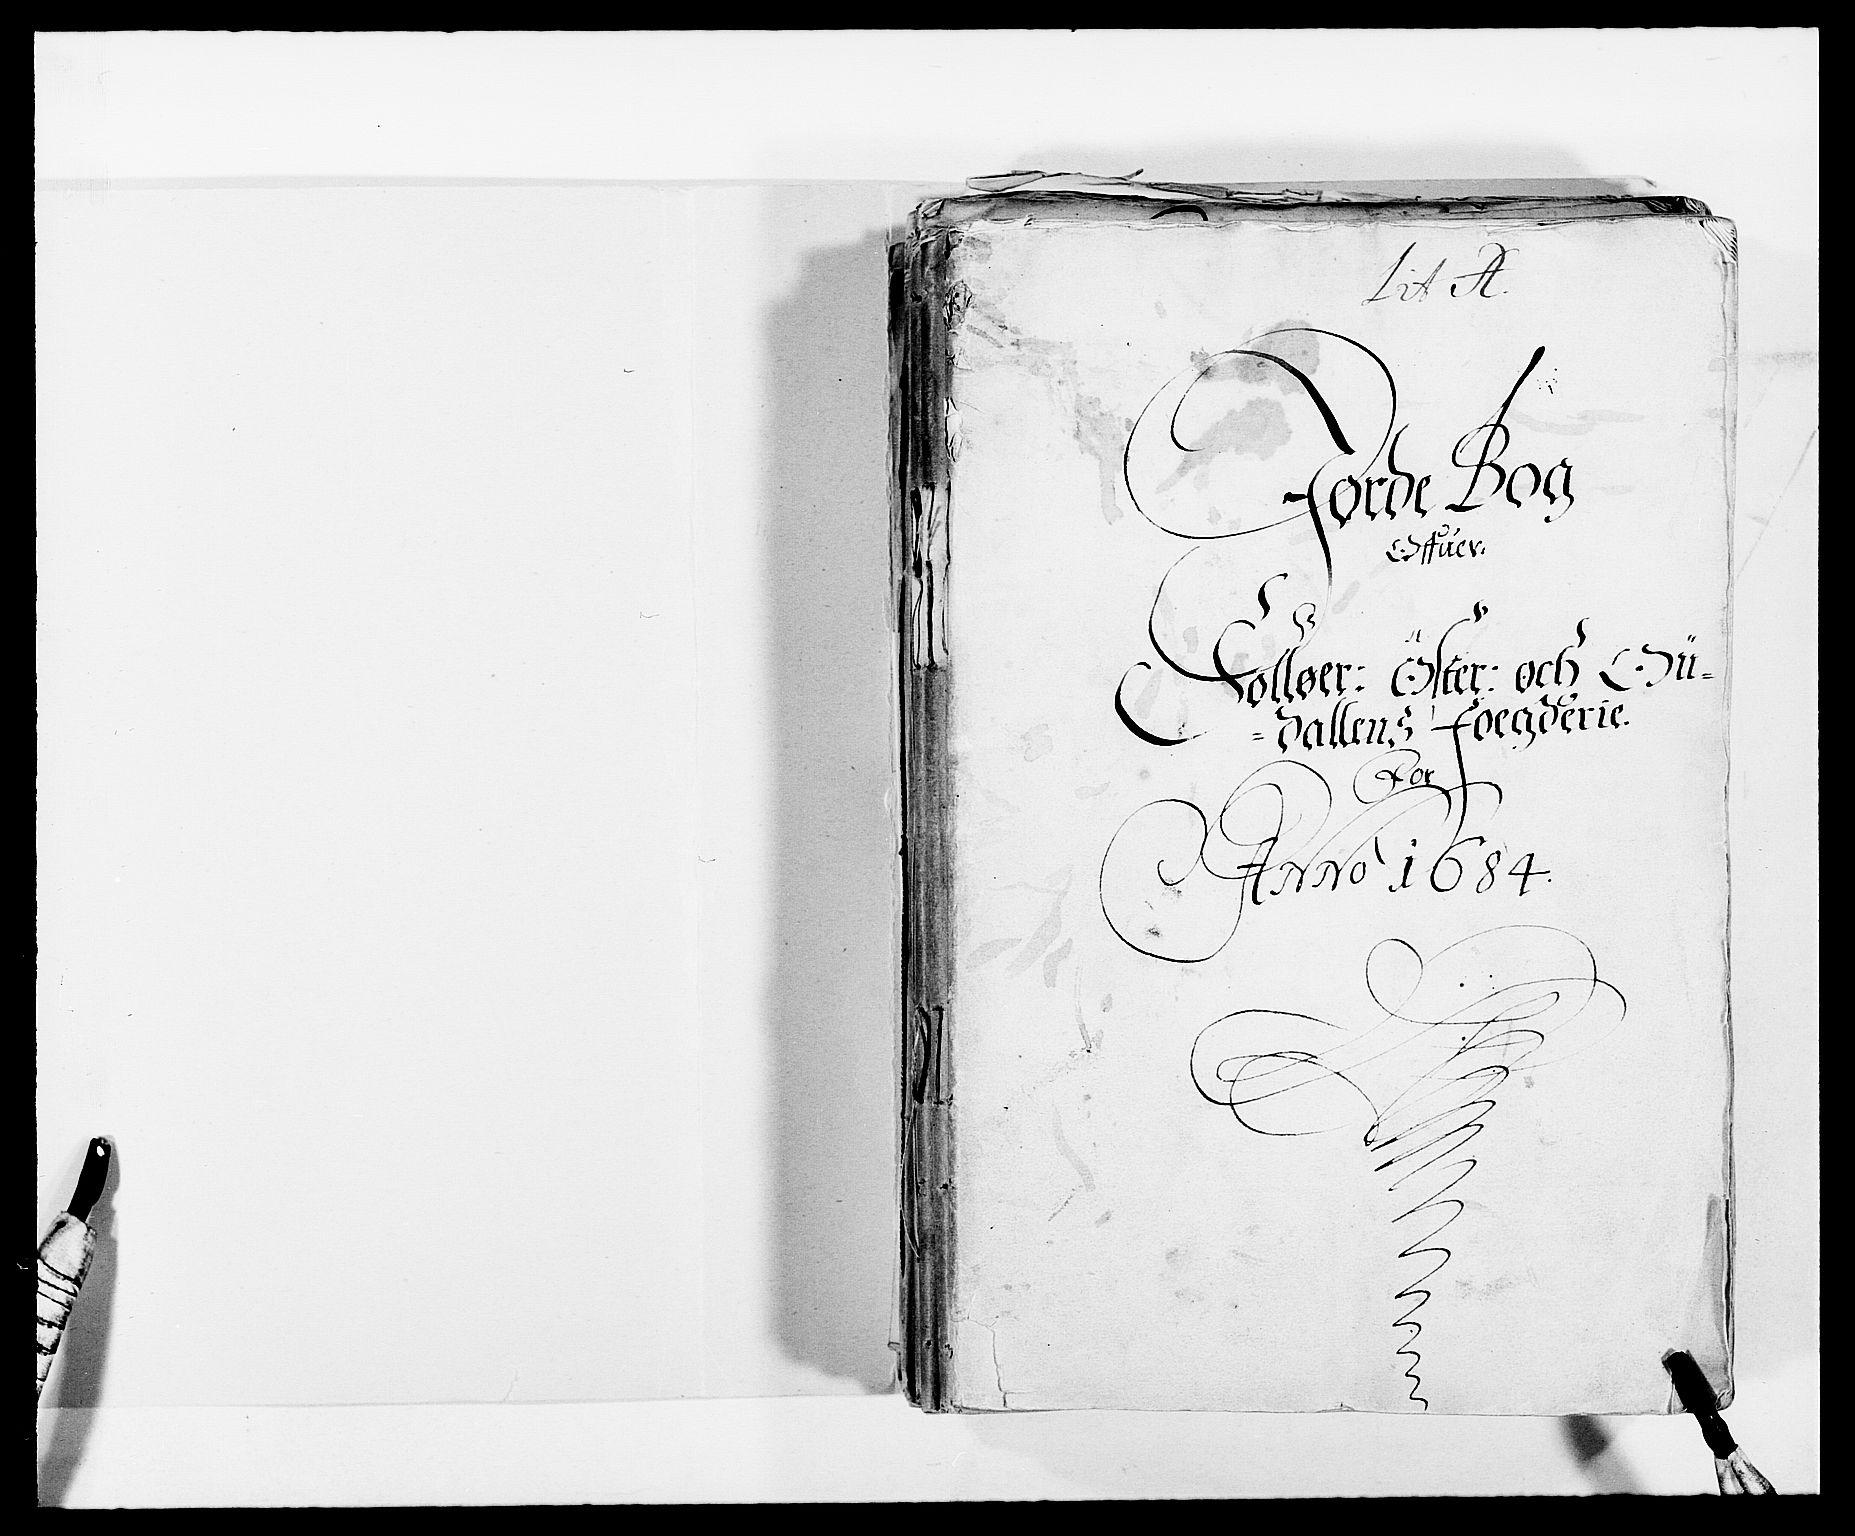 RA, Rentekammeret inntil 1814, Reviderte regnskaper, Fogderegnskap, R13/L0821: Fogderegnskap Solør, Odal og Østerdal, 1684, s. 18